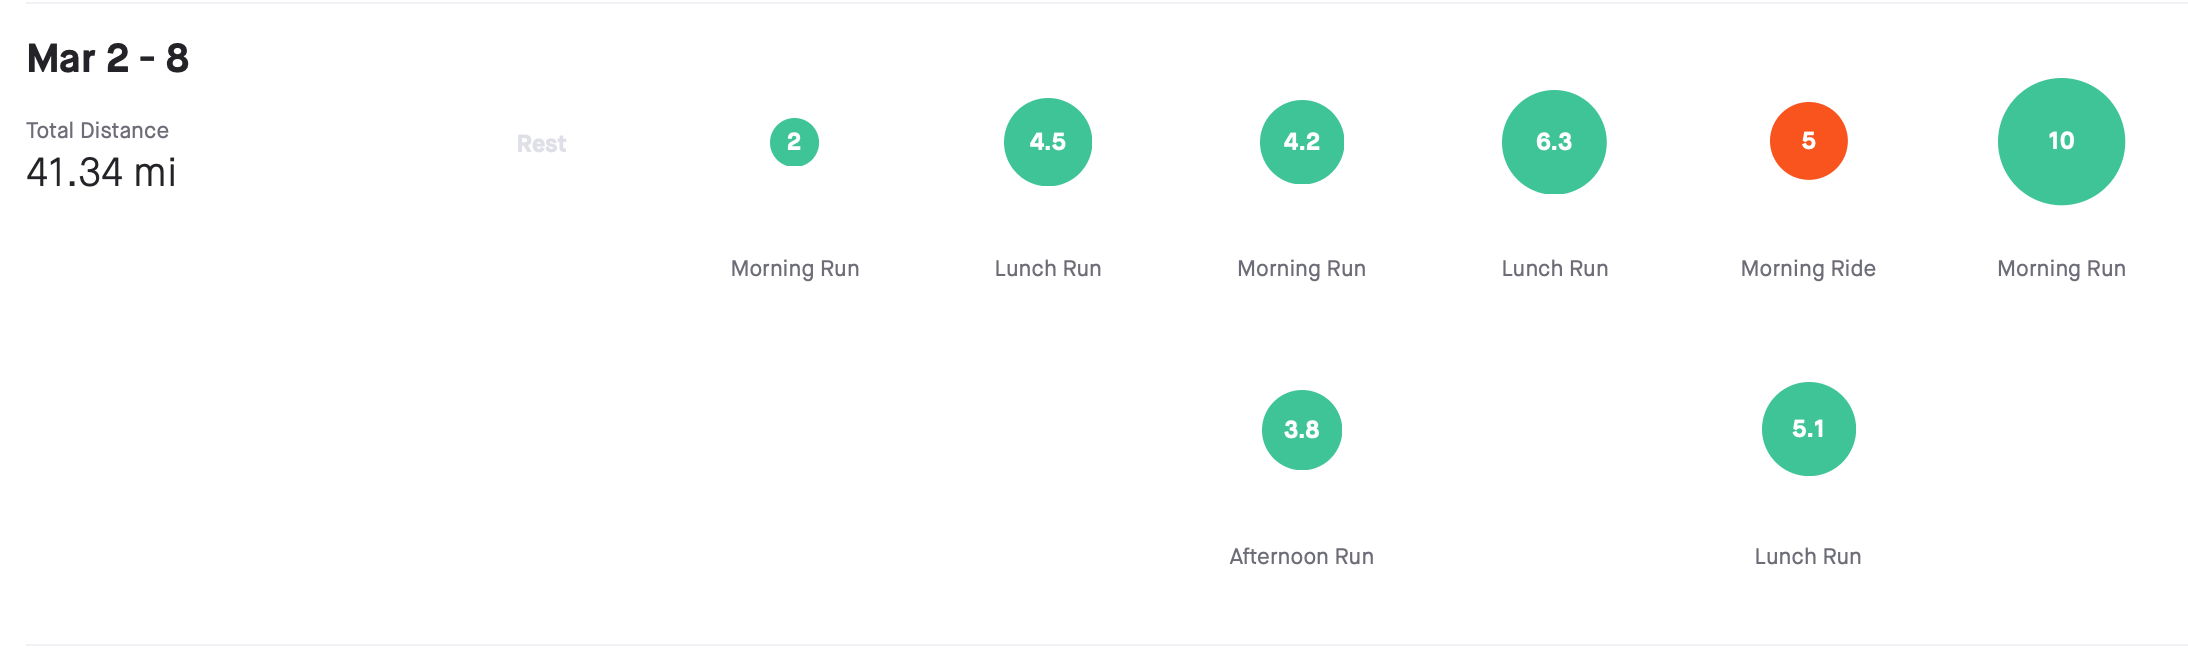 running often